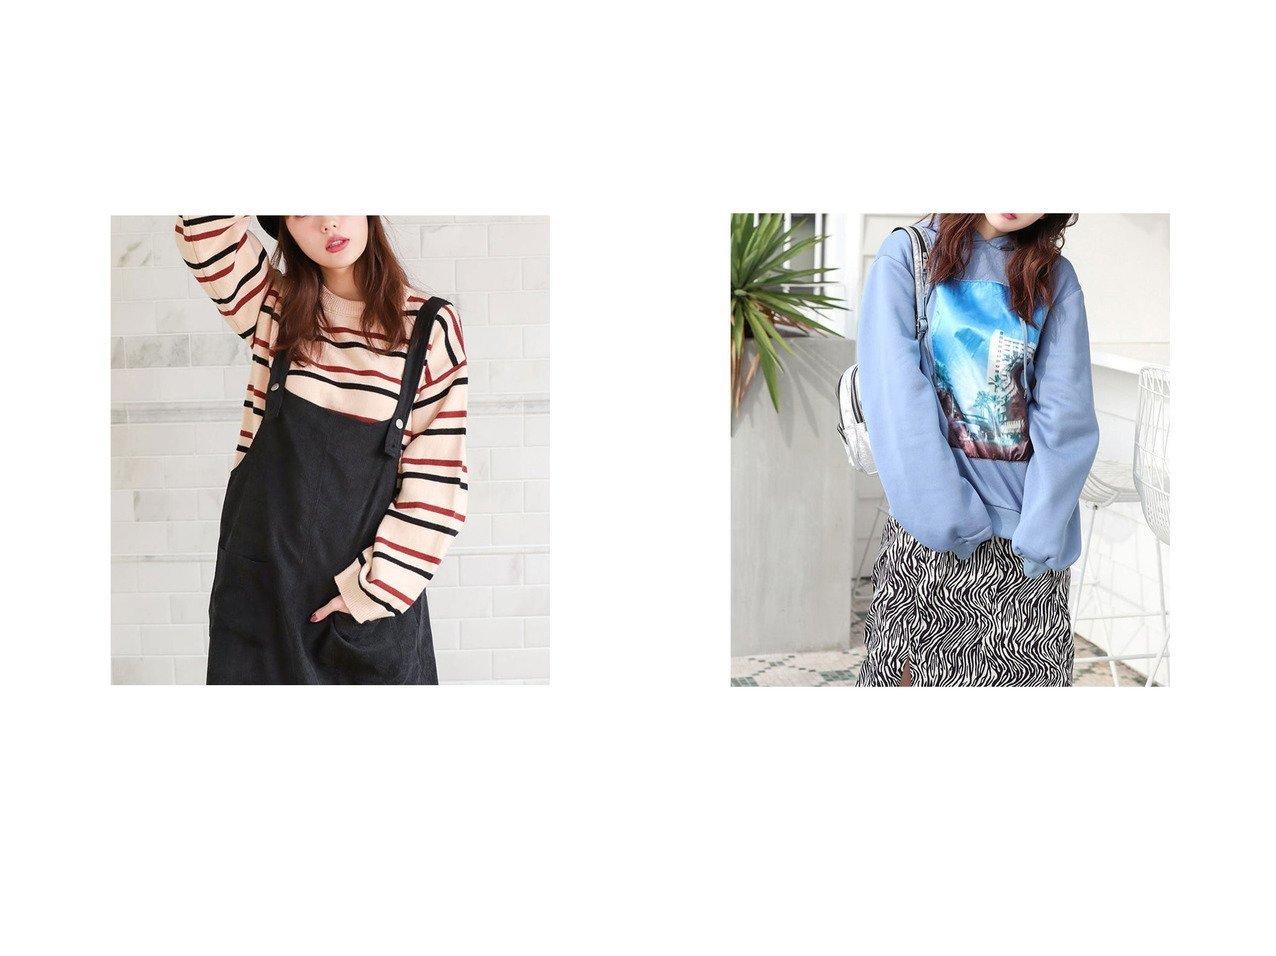 【fifth/フィフス】のカジュアルボーダーニット&ボリュームフォトパーカー fifthのおすすめ!人気、トレンド・レディースファッションの通販  おすすめで人気の流行・トレンド、ファッションの通販商品 メンズファッション・キッズファッション・インテリア・家具・レディースファッション・服の通販 founy(ファニー) https://founy.com/ ファッション Fashion レディースファッション WOMEN トップス Tops Tshirt ニット Knit Tops パーカ Sweats 2021年 2021 2021 春夏 S/S SS Spring/Summer 2021 S/S 春夏 SS Spring/Summer カラフル シンプル スマート ボトム ボーダー 春 Spring |ID:crp329100000017651